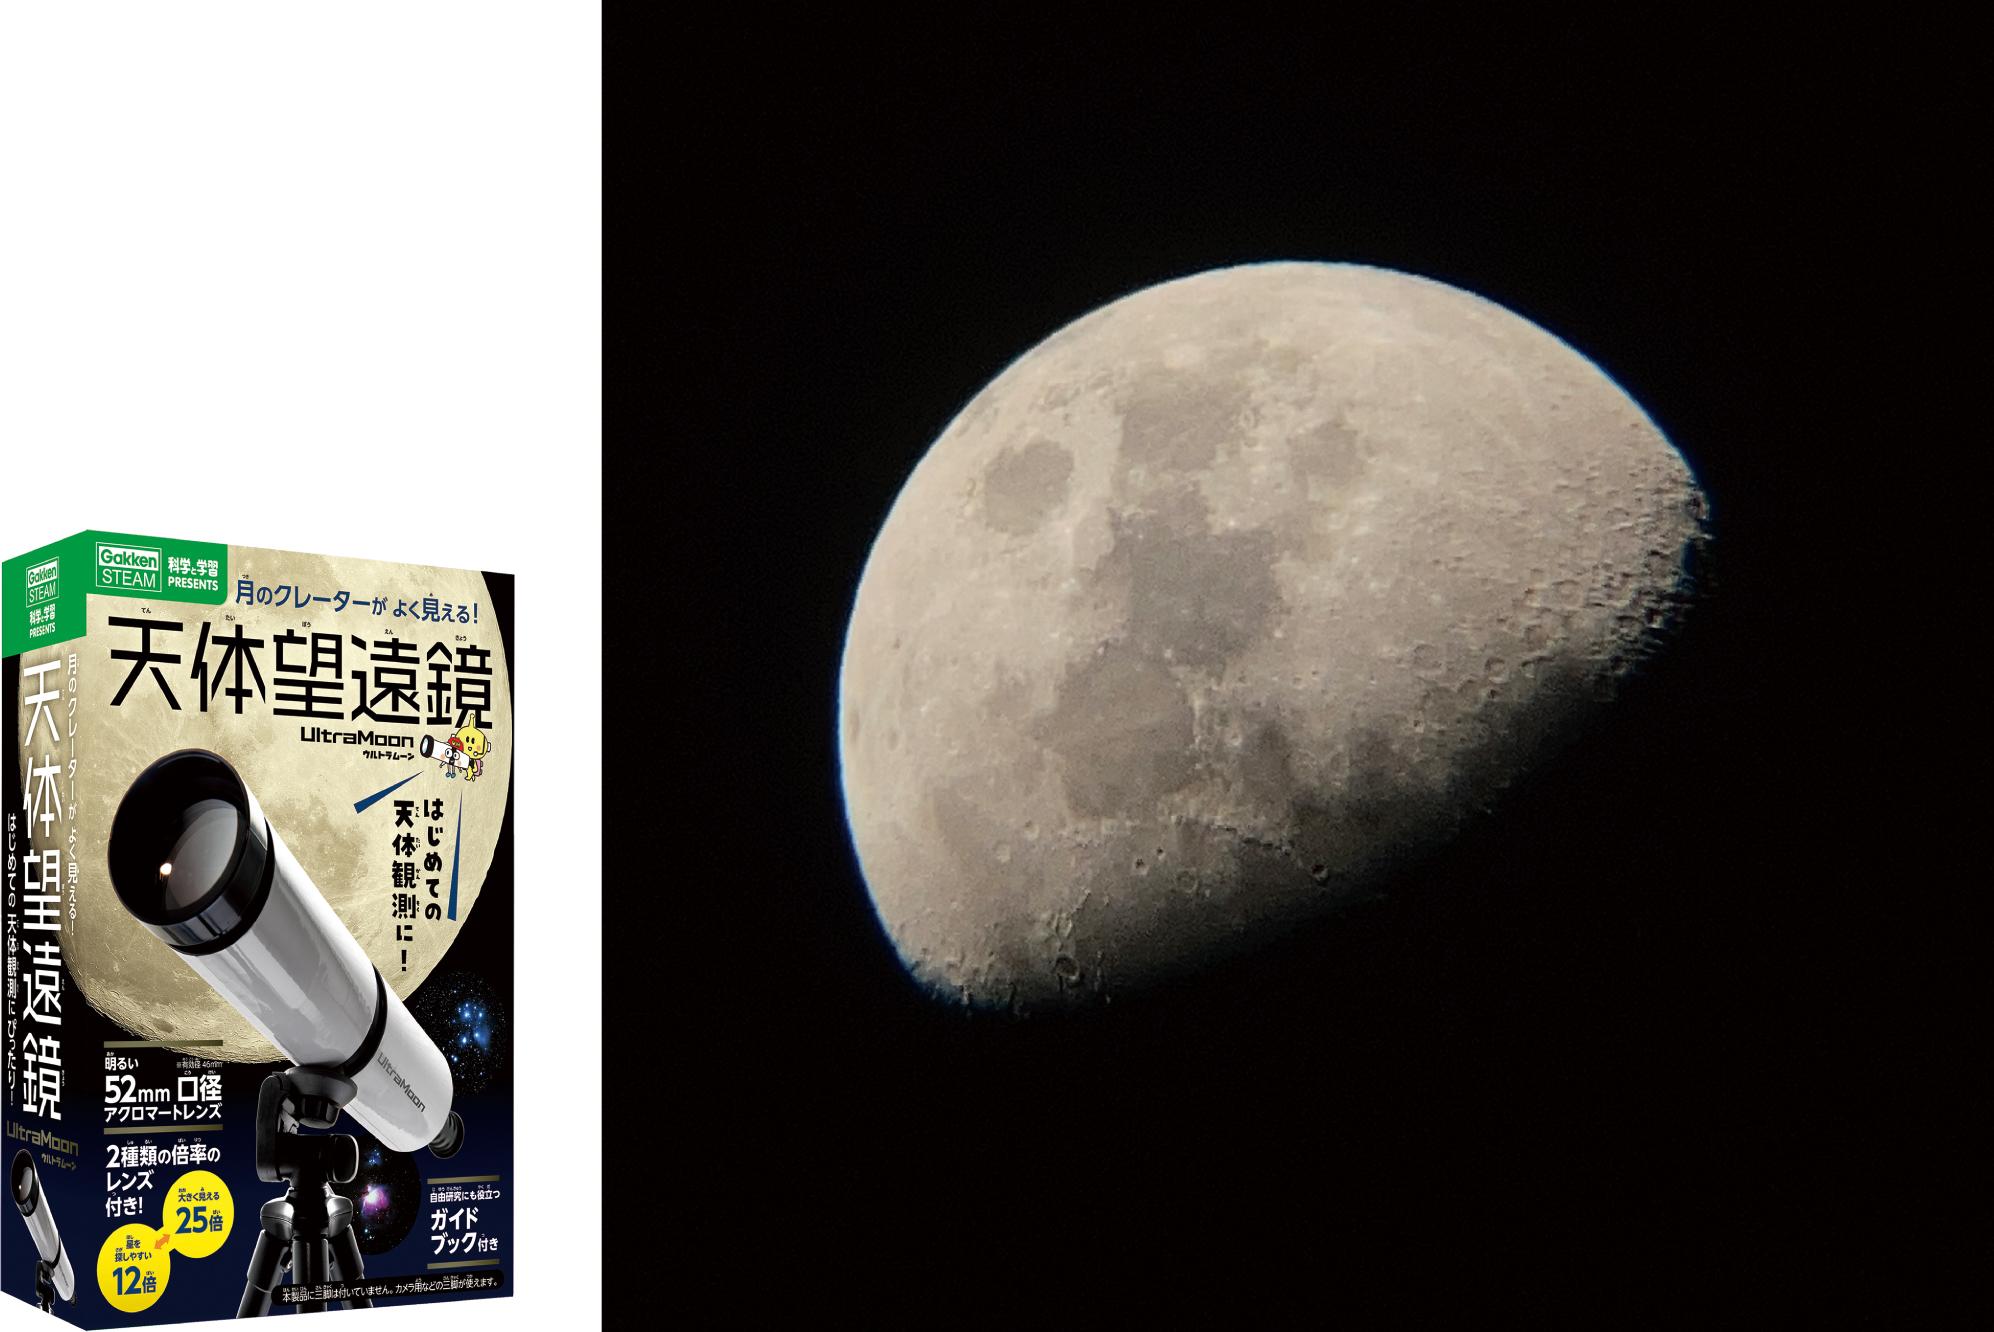 左:新発売の『天体望遠鏡ウルトラムーン』 右:ウルトラムーンを使用してiphoneで撮影した月の写真